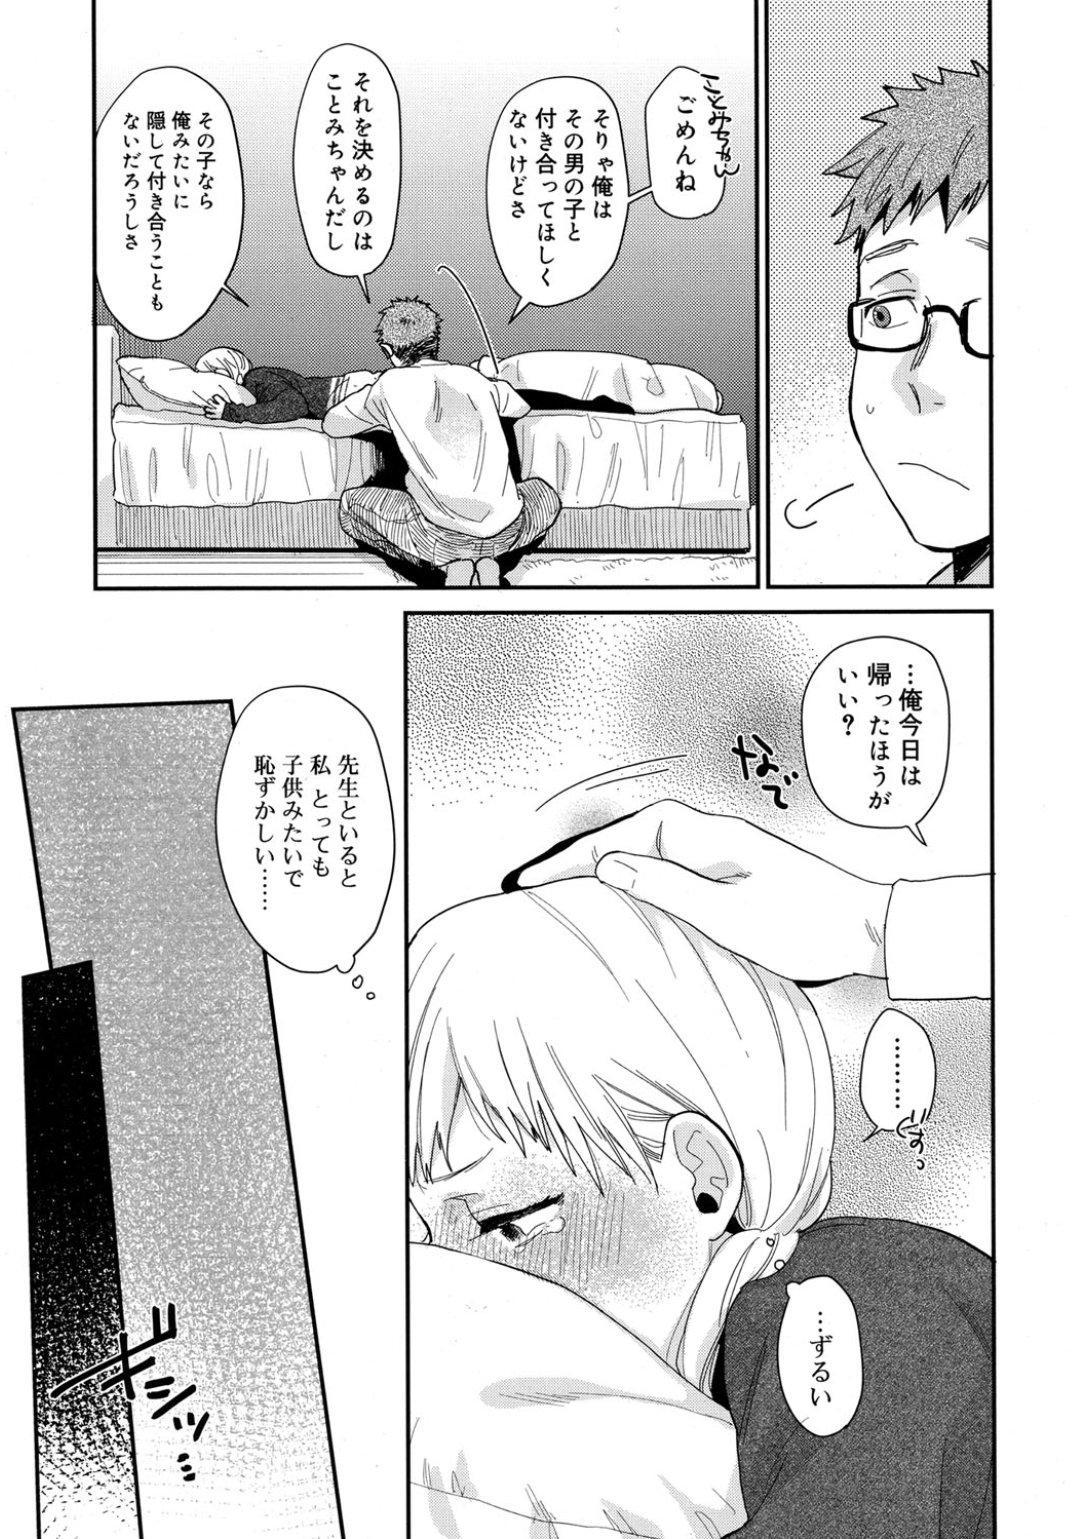 Juicy No. 16 2017-01 22